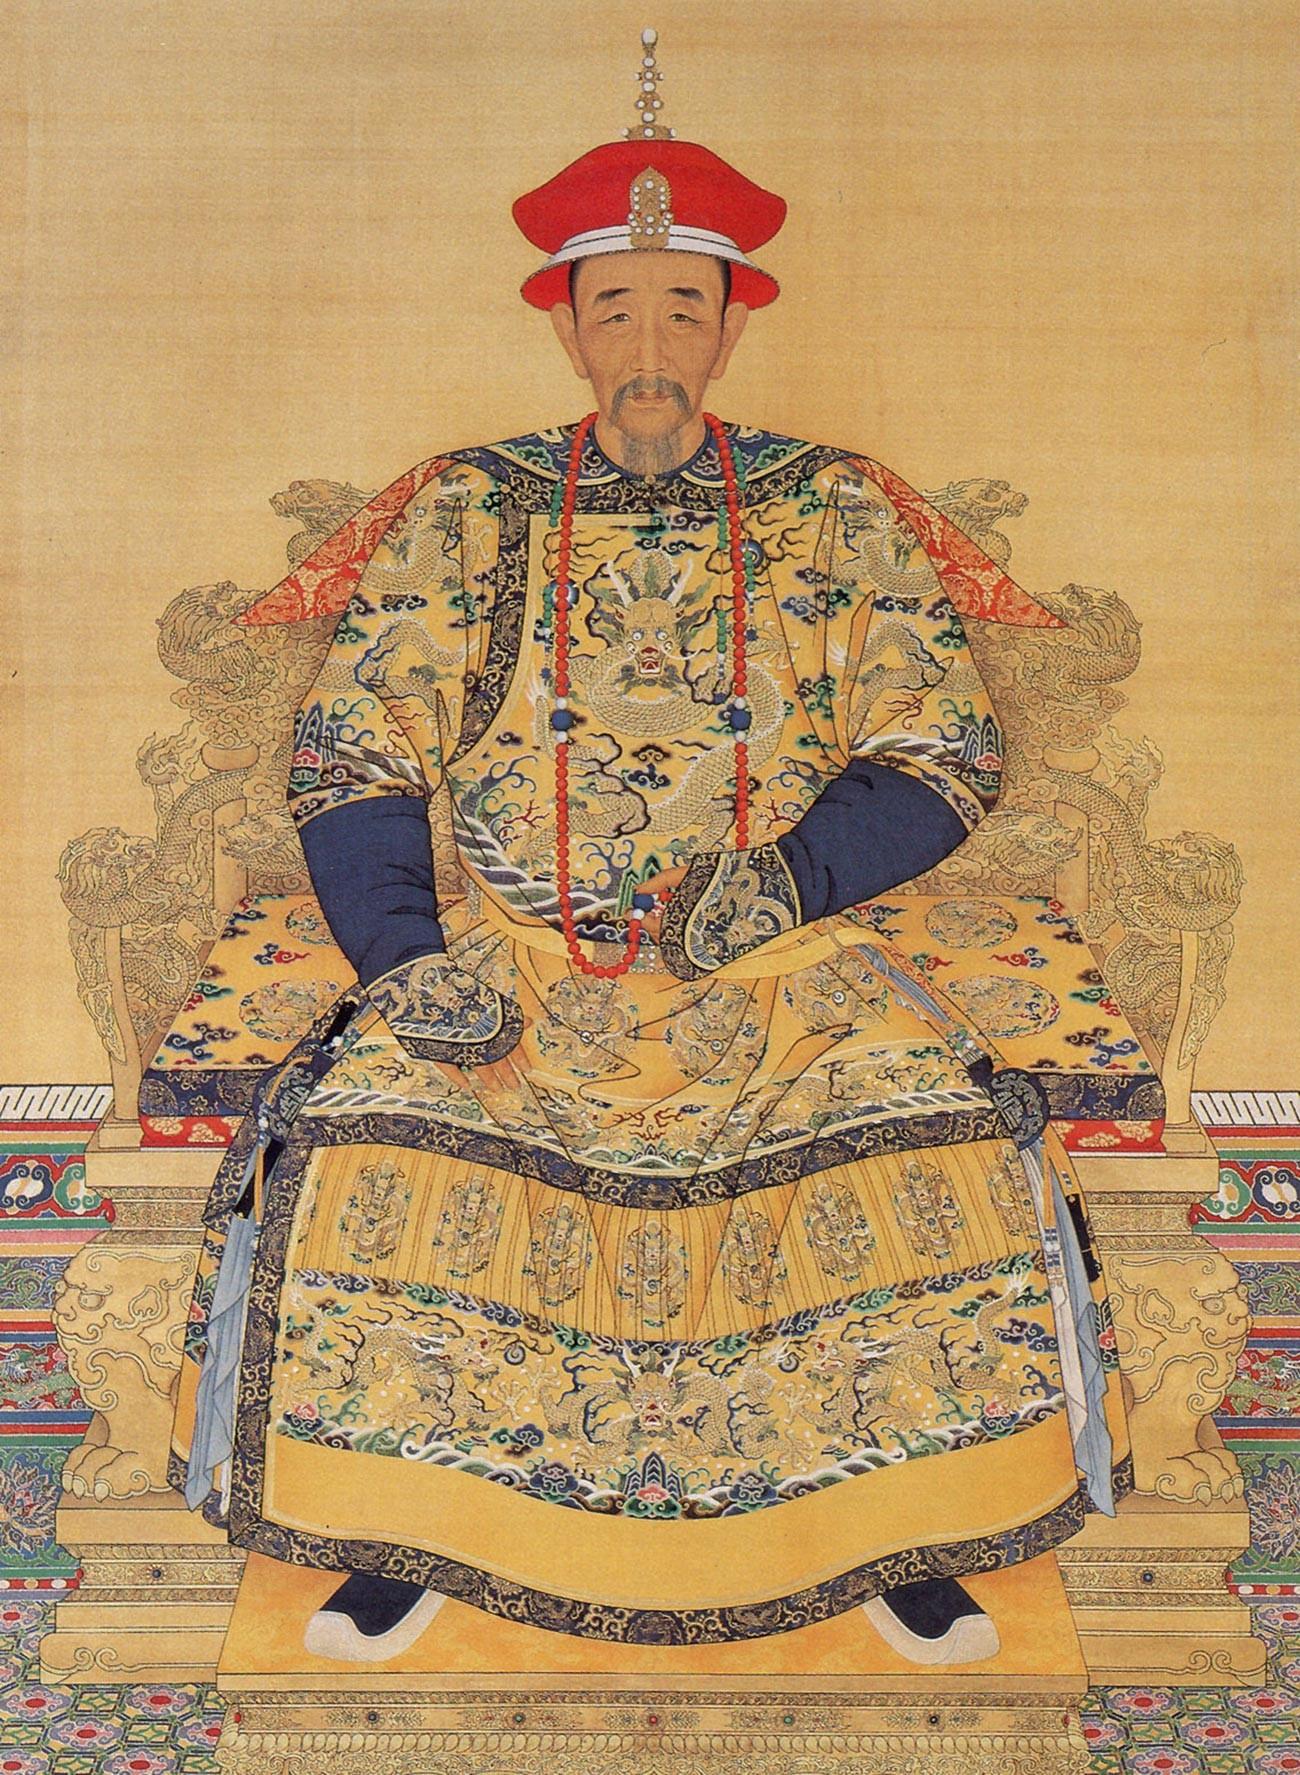 L'empereur de la dynastie Qing Kangxi